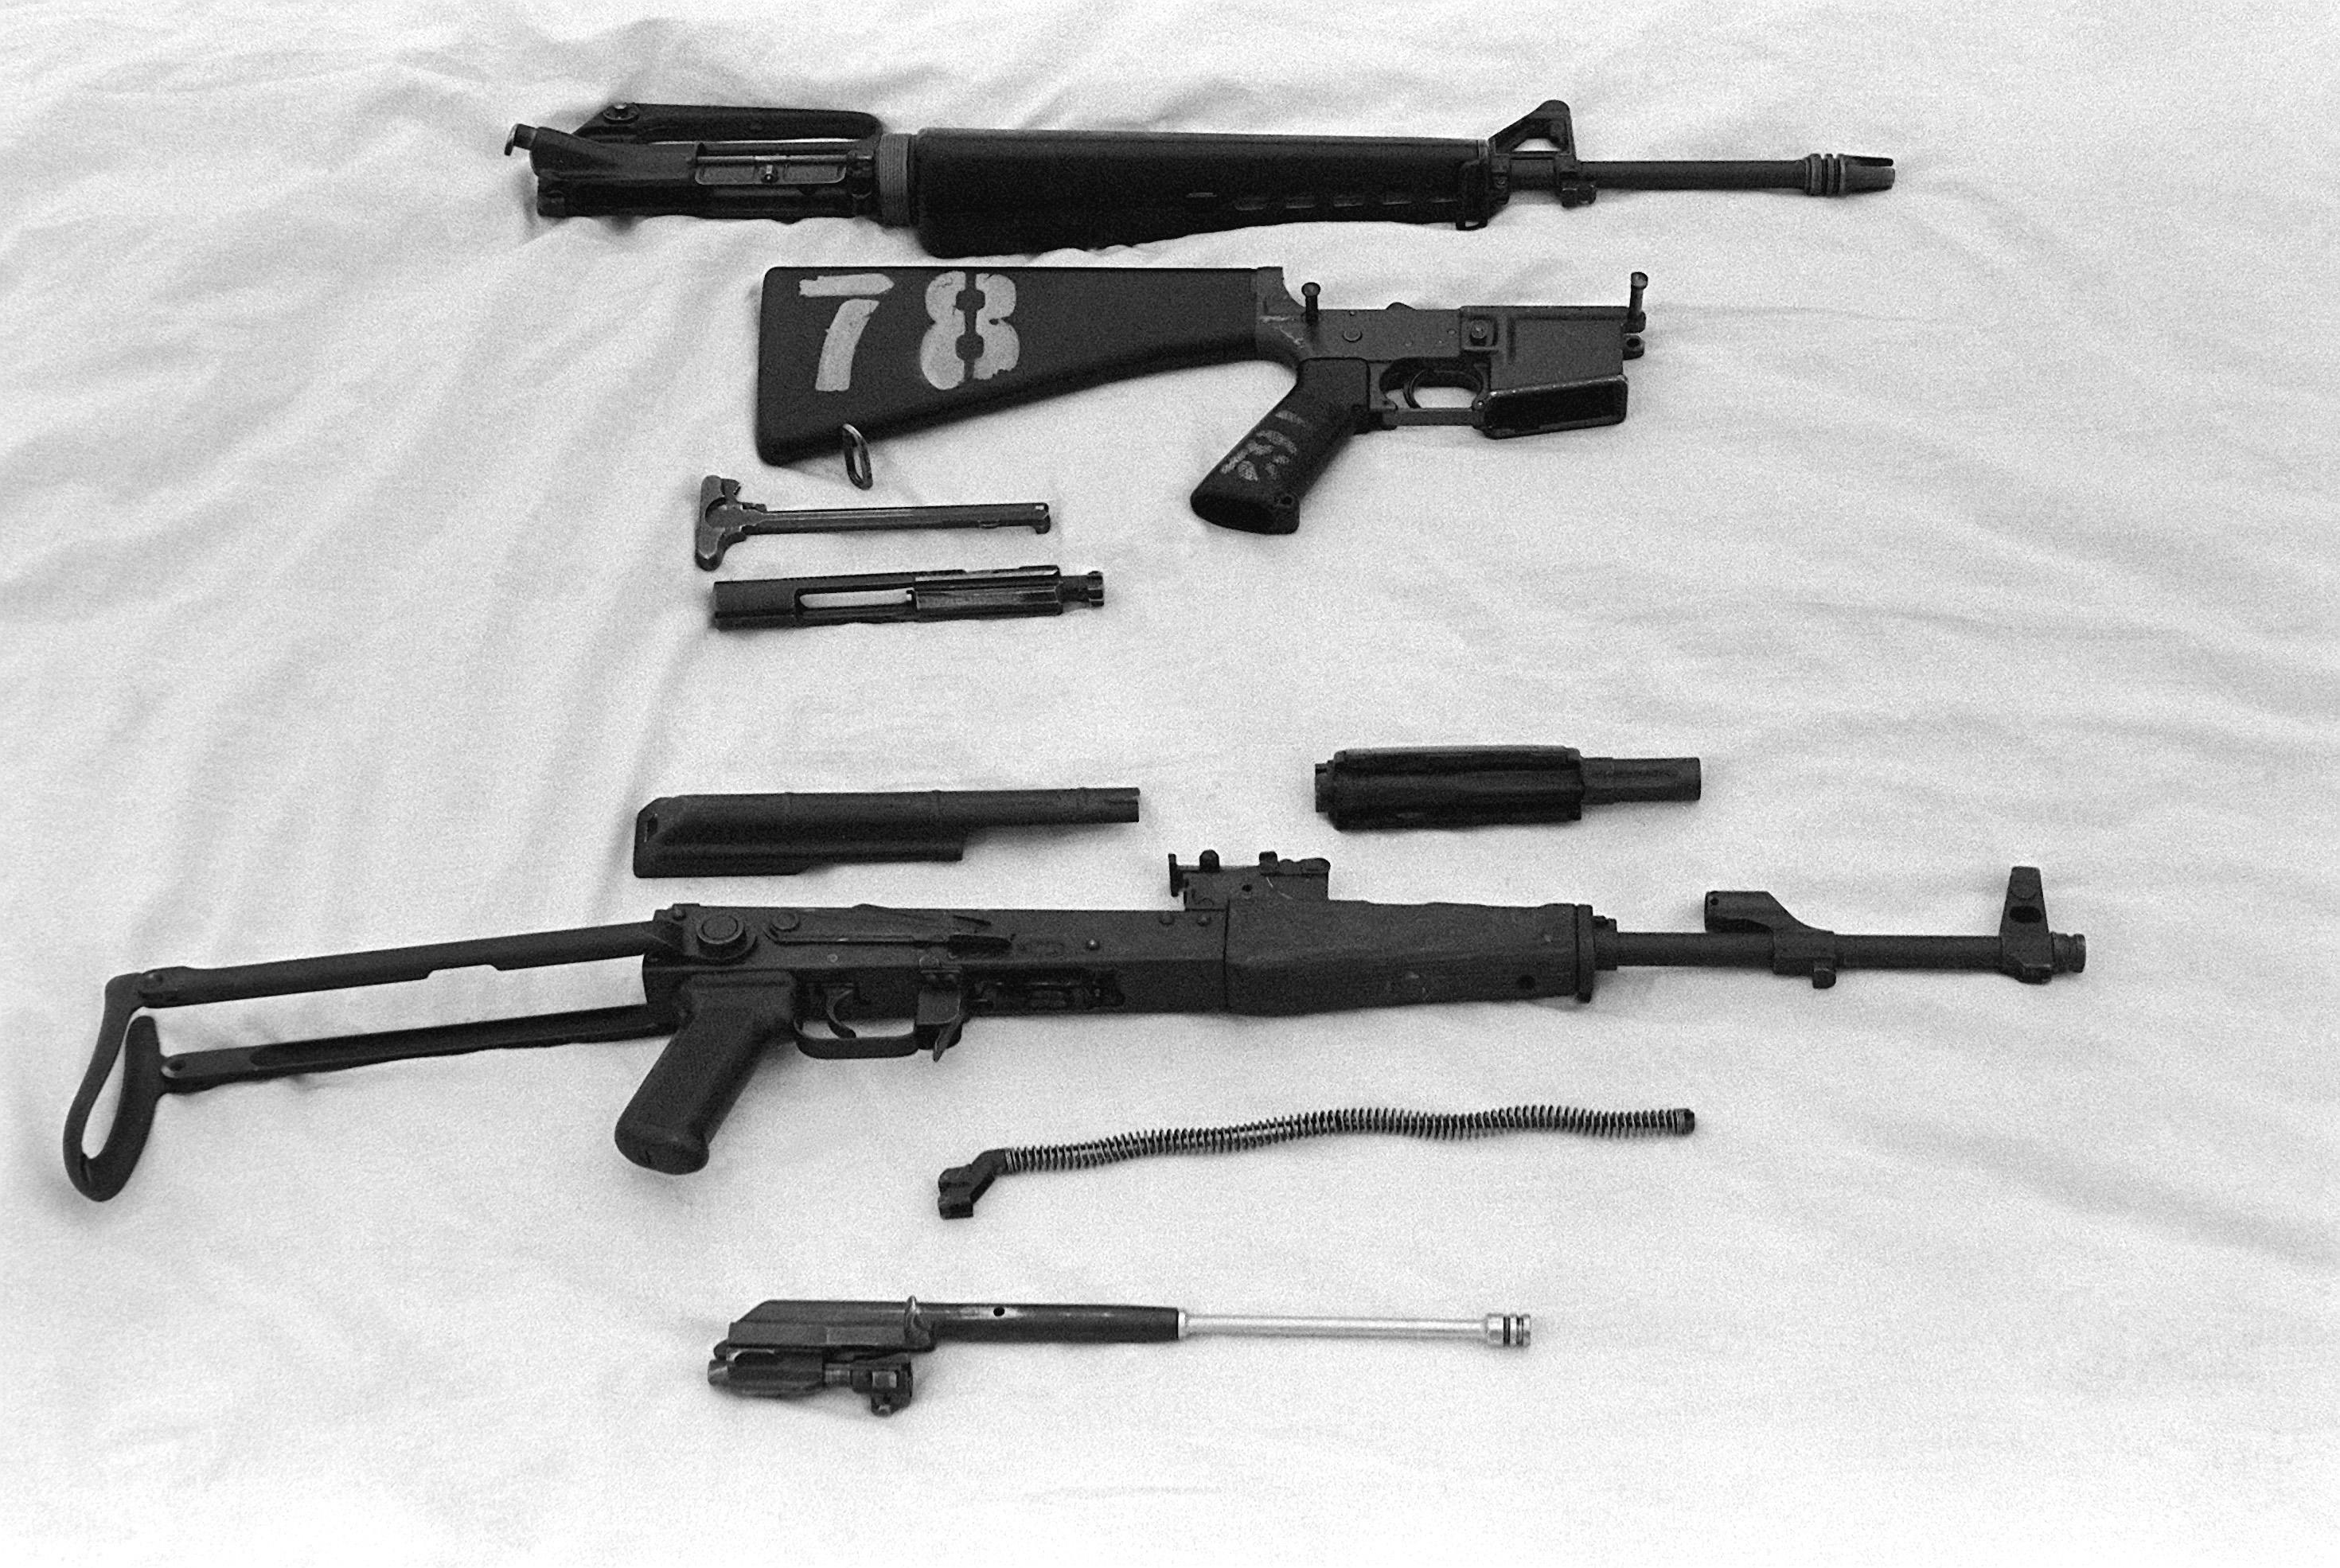 File:AKMS and M16 field stripped.jpeg - Wikipedia